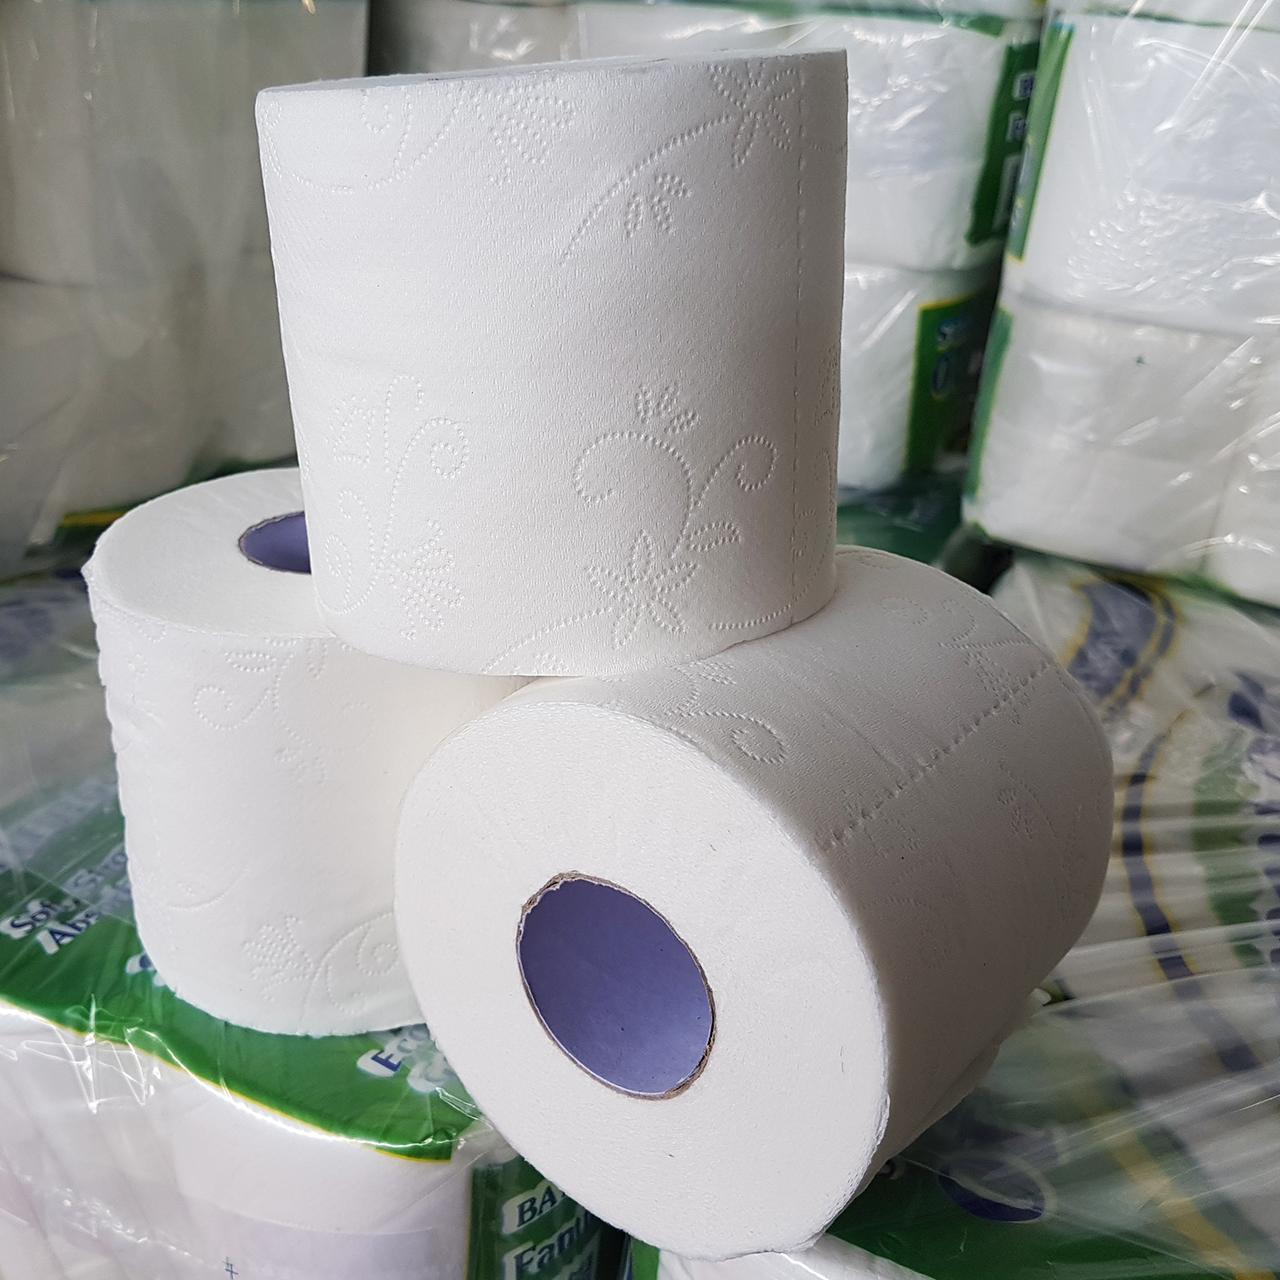 Combo 5 lốc giấy vệ sinh Leman Xanh lá 3 lớp (10 cuộn/ lốc)